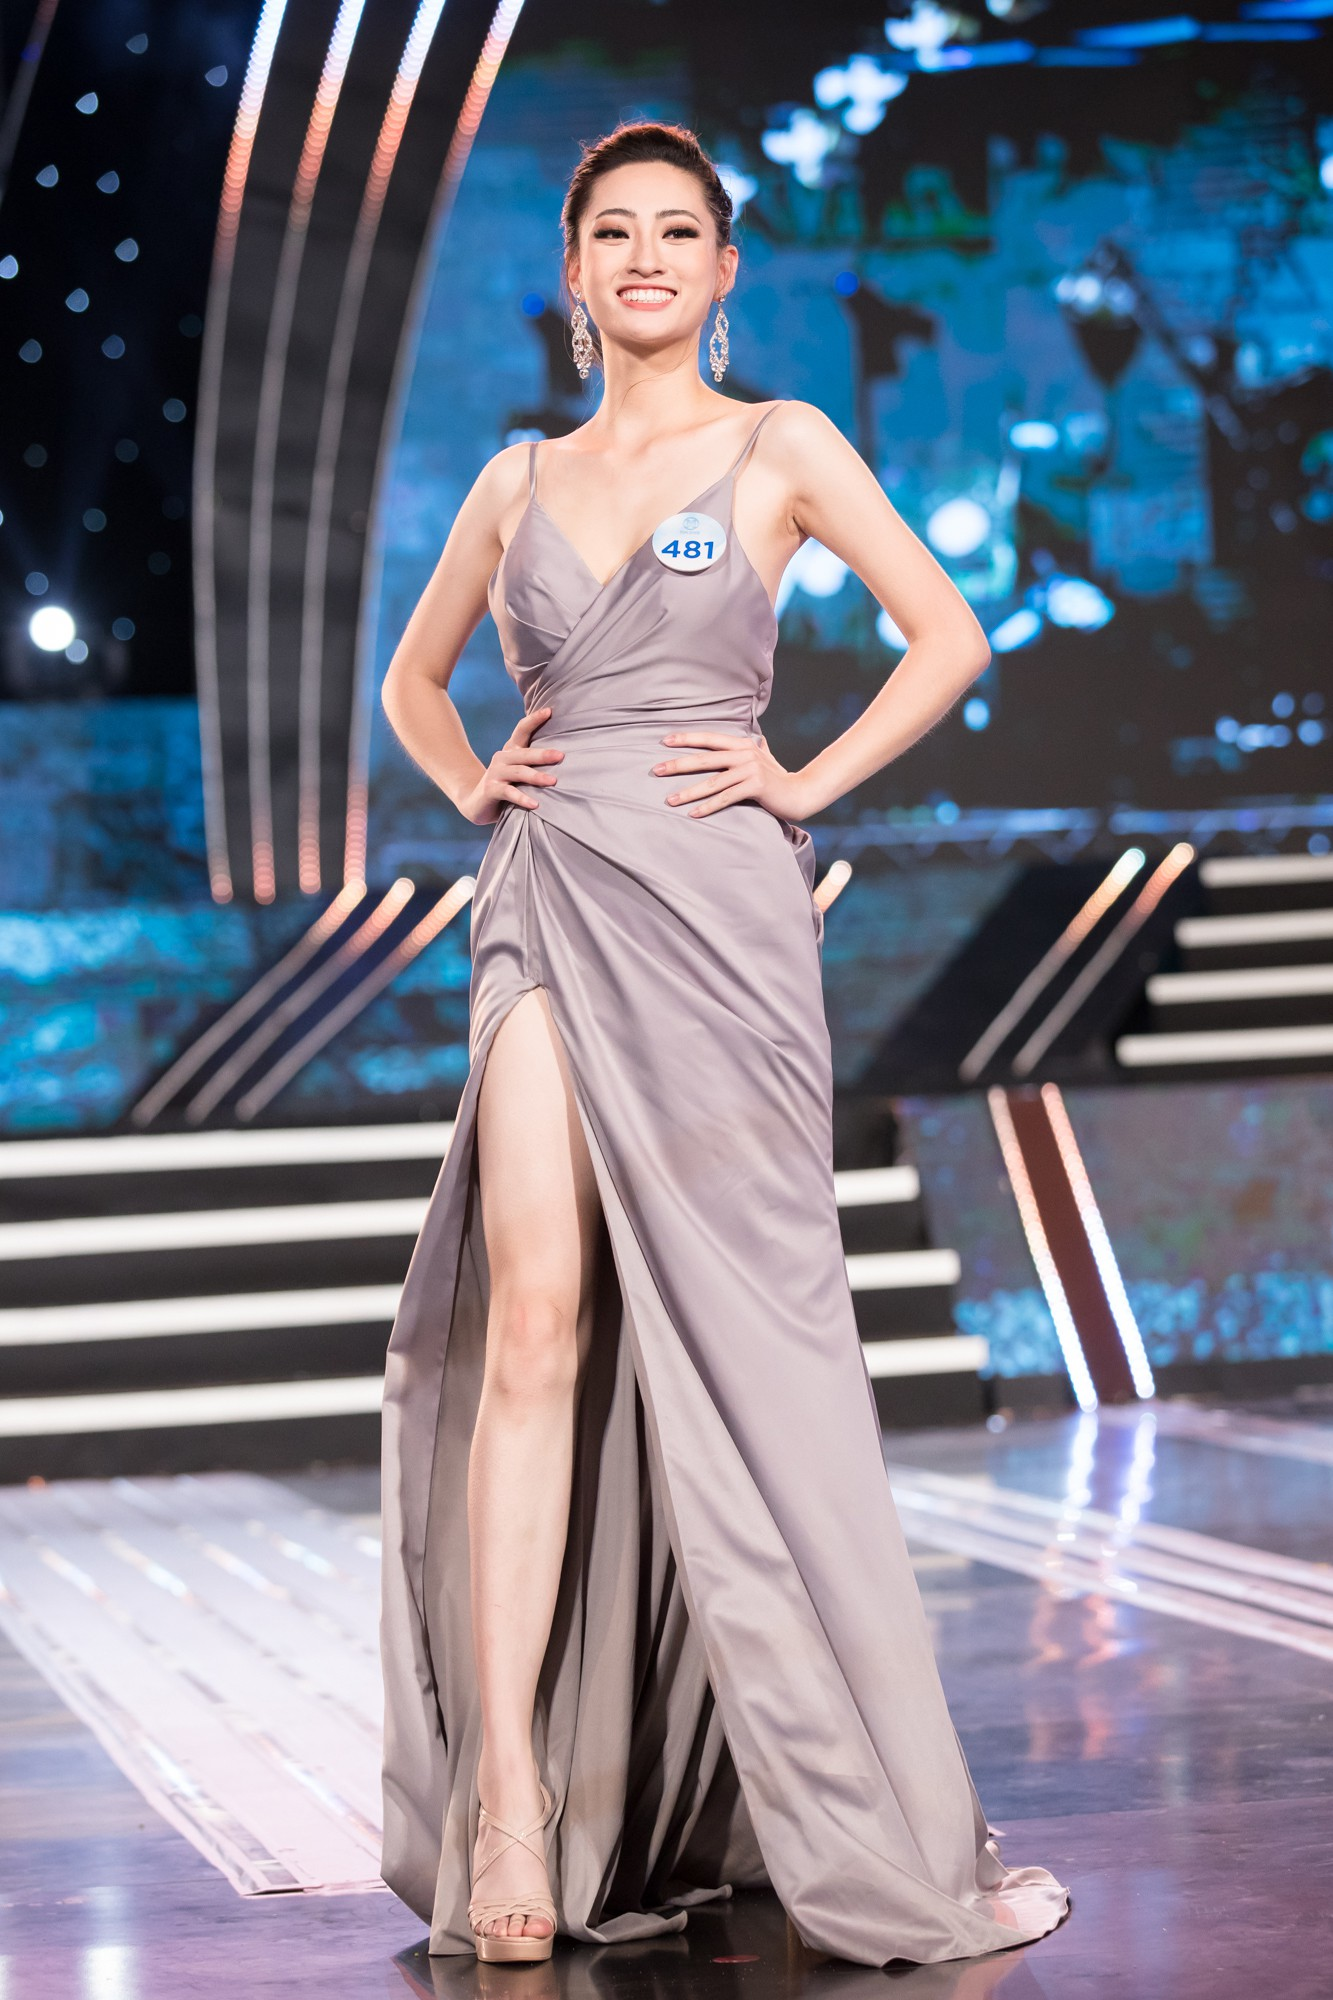 Soi nhan sắc 20 cô gái phía Bắc vừa lọt Chung kết Miss World VN: Thí sinh mặt đẹp nhất lại lộ vóc dáng đô con, thiếu đường cong-21